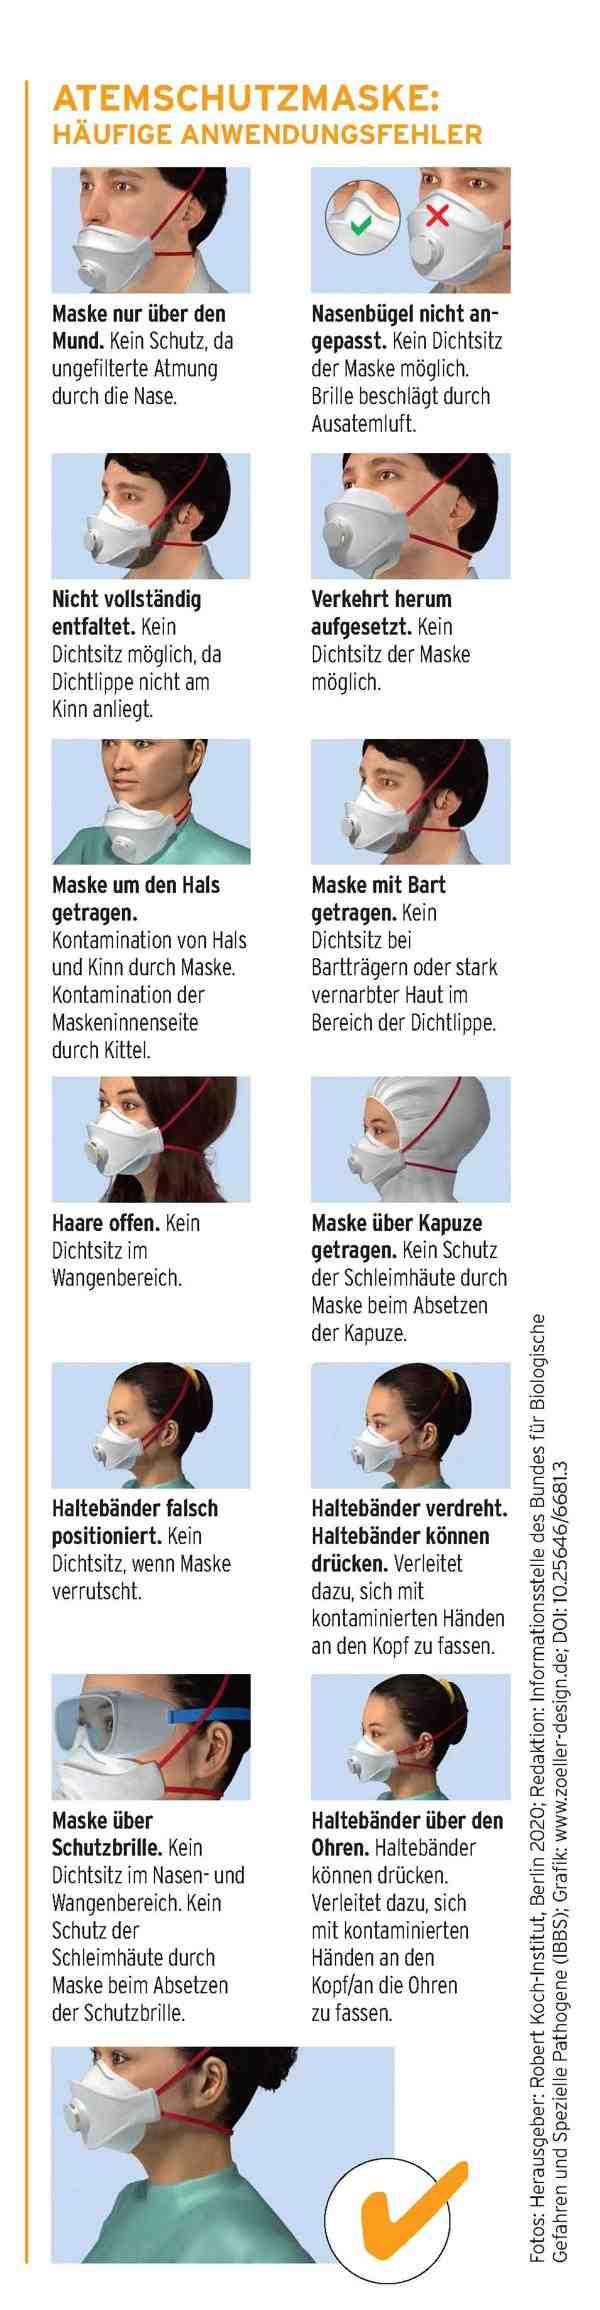 Grafik Atemschutzmaske Anwendungsfehler